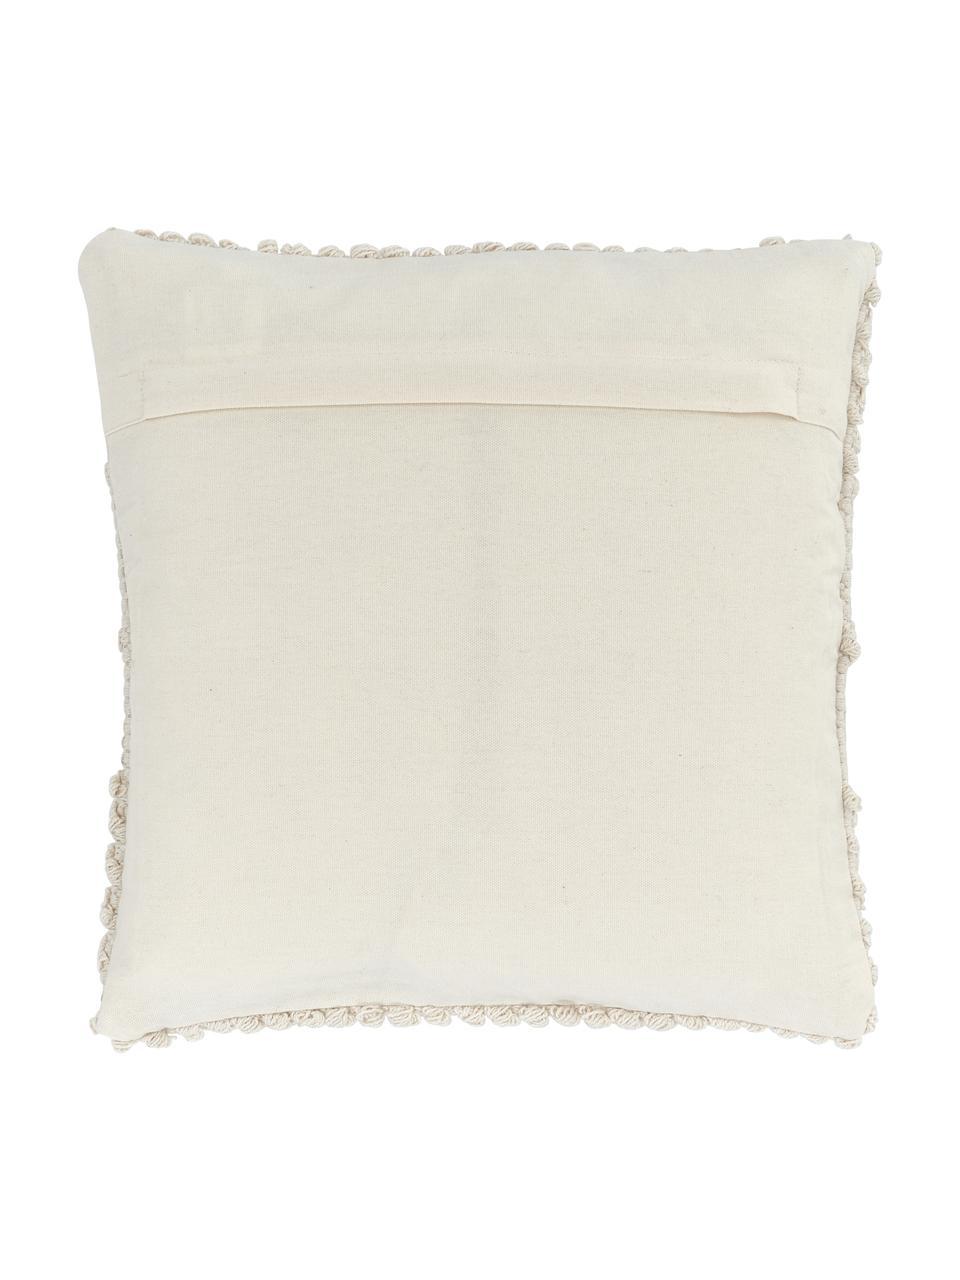 Poszewka na poduszkę Paulina, 100% bawełna, Beżowy, S 45 x D 45 cm